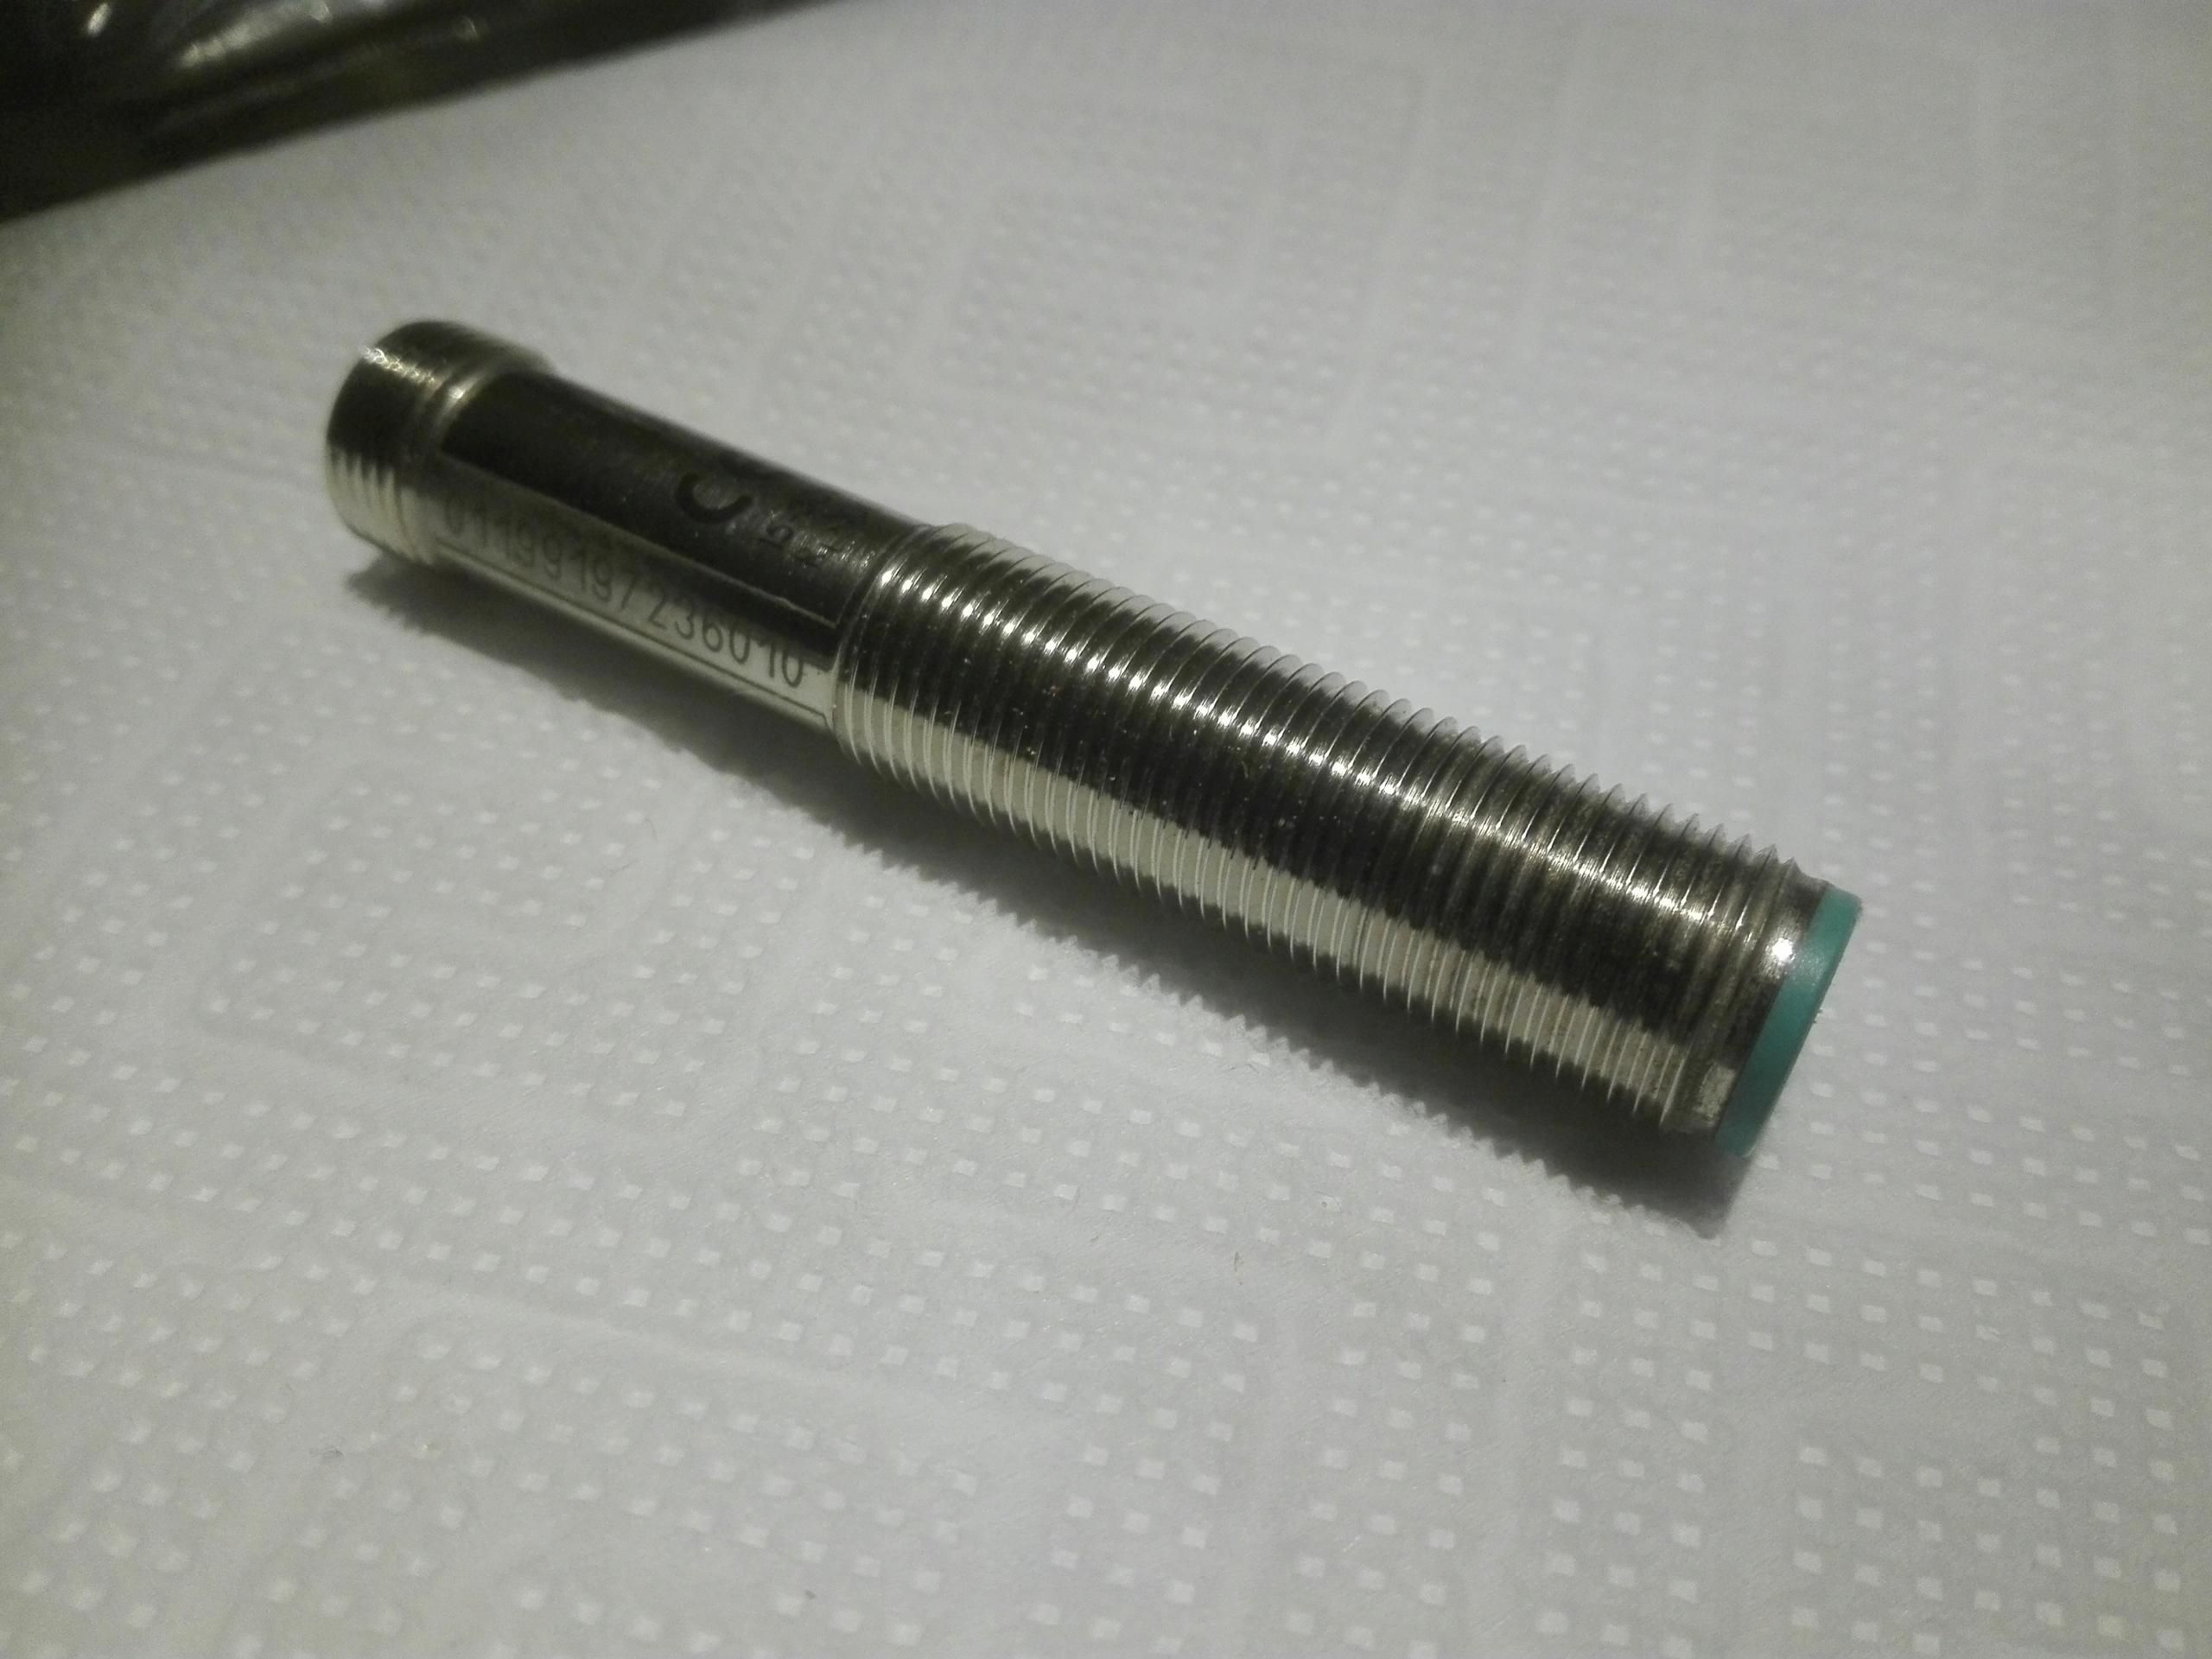 Ultradźwiękowy czujnik UB200-12GM-U-V1 Pepperl+Fuc